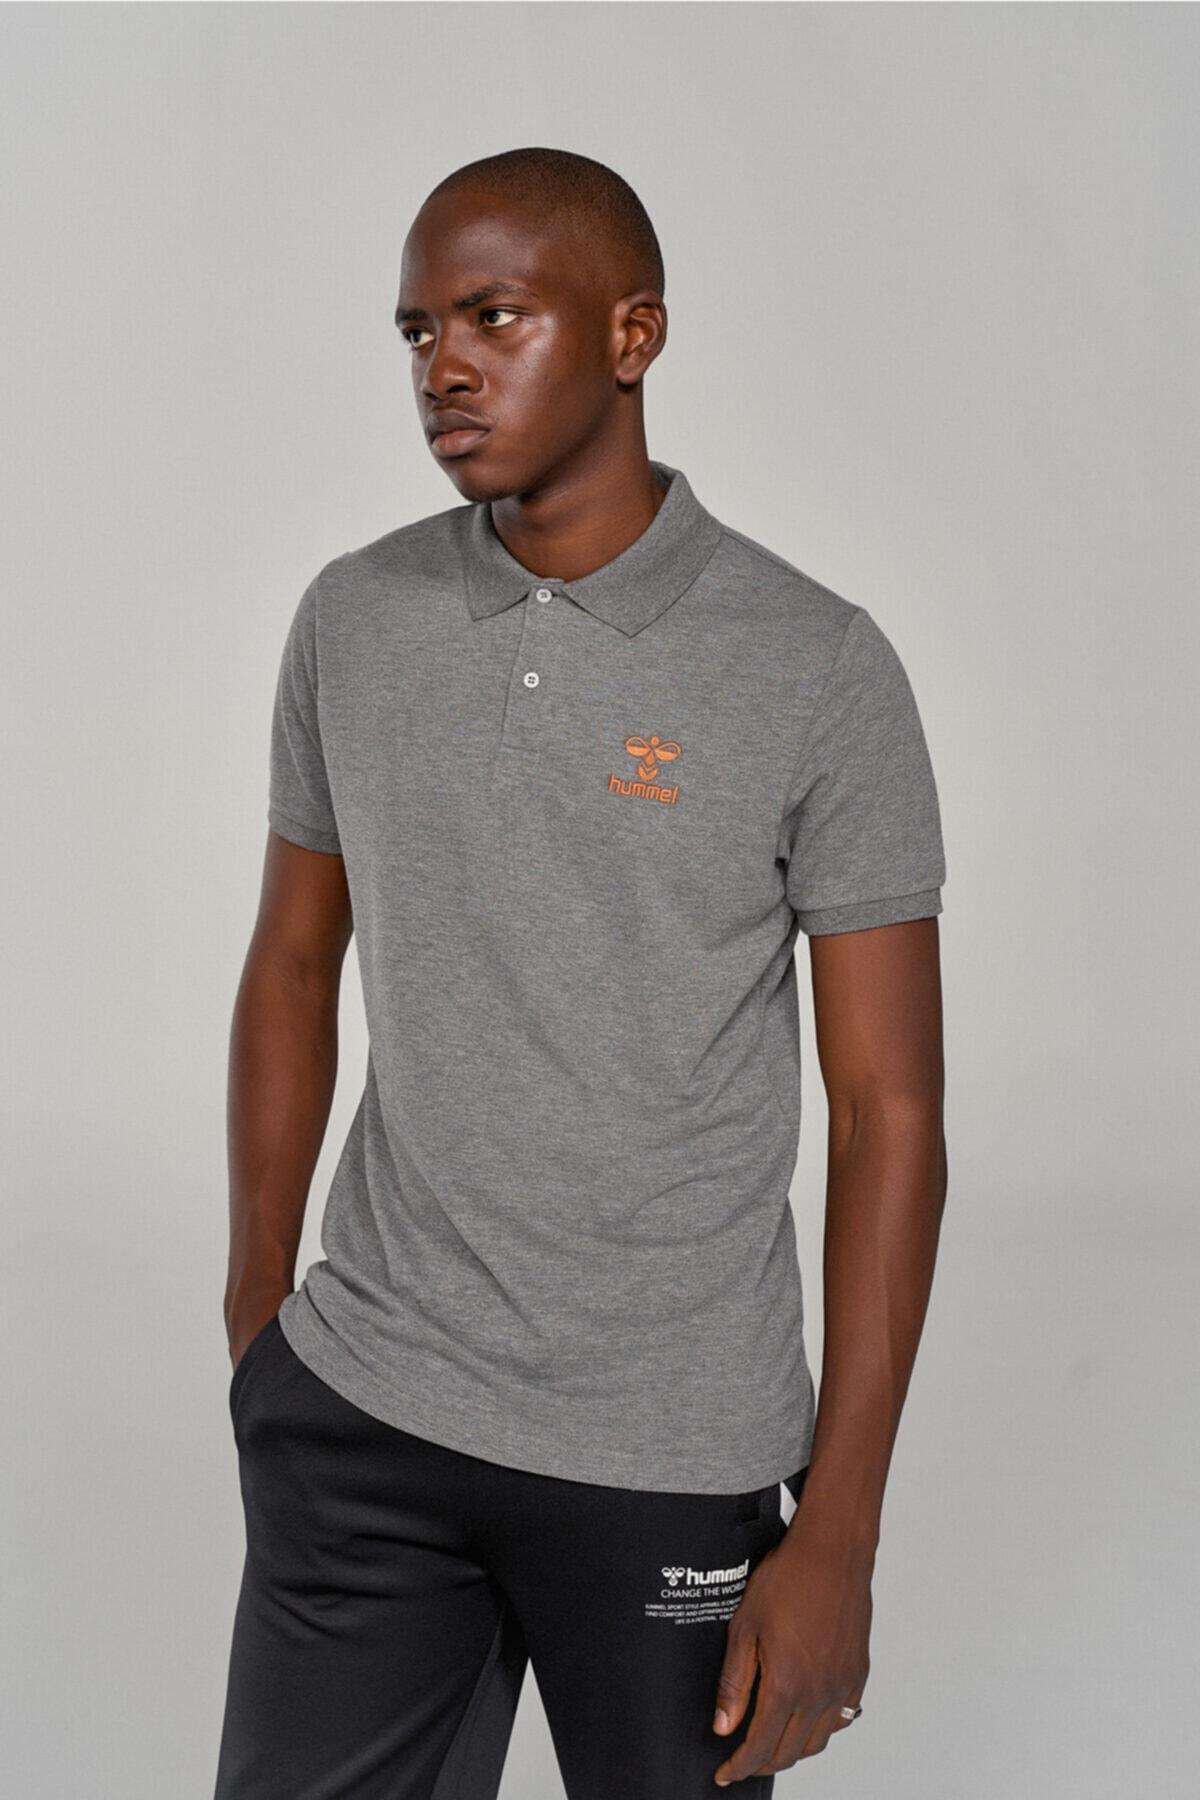 HMLLEON POLO T-SHIRT S/S Gri Erkek T-Shirt 101086234